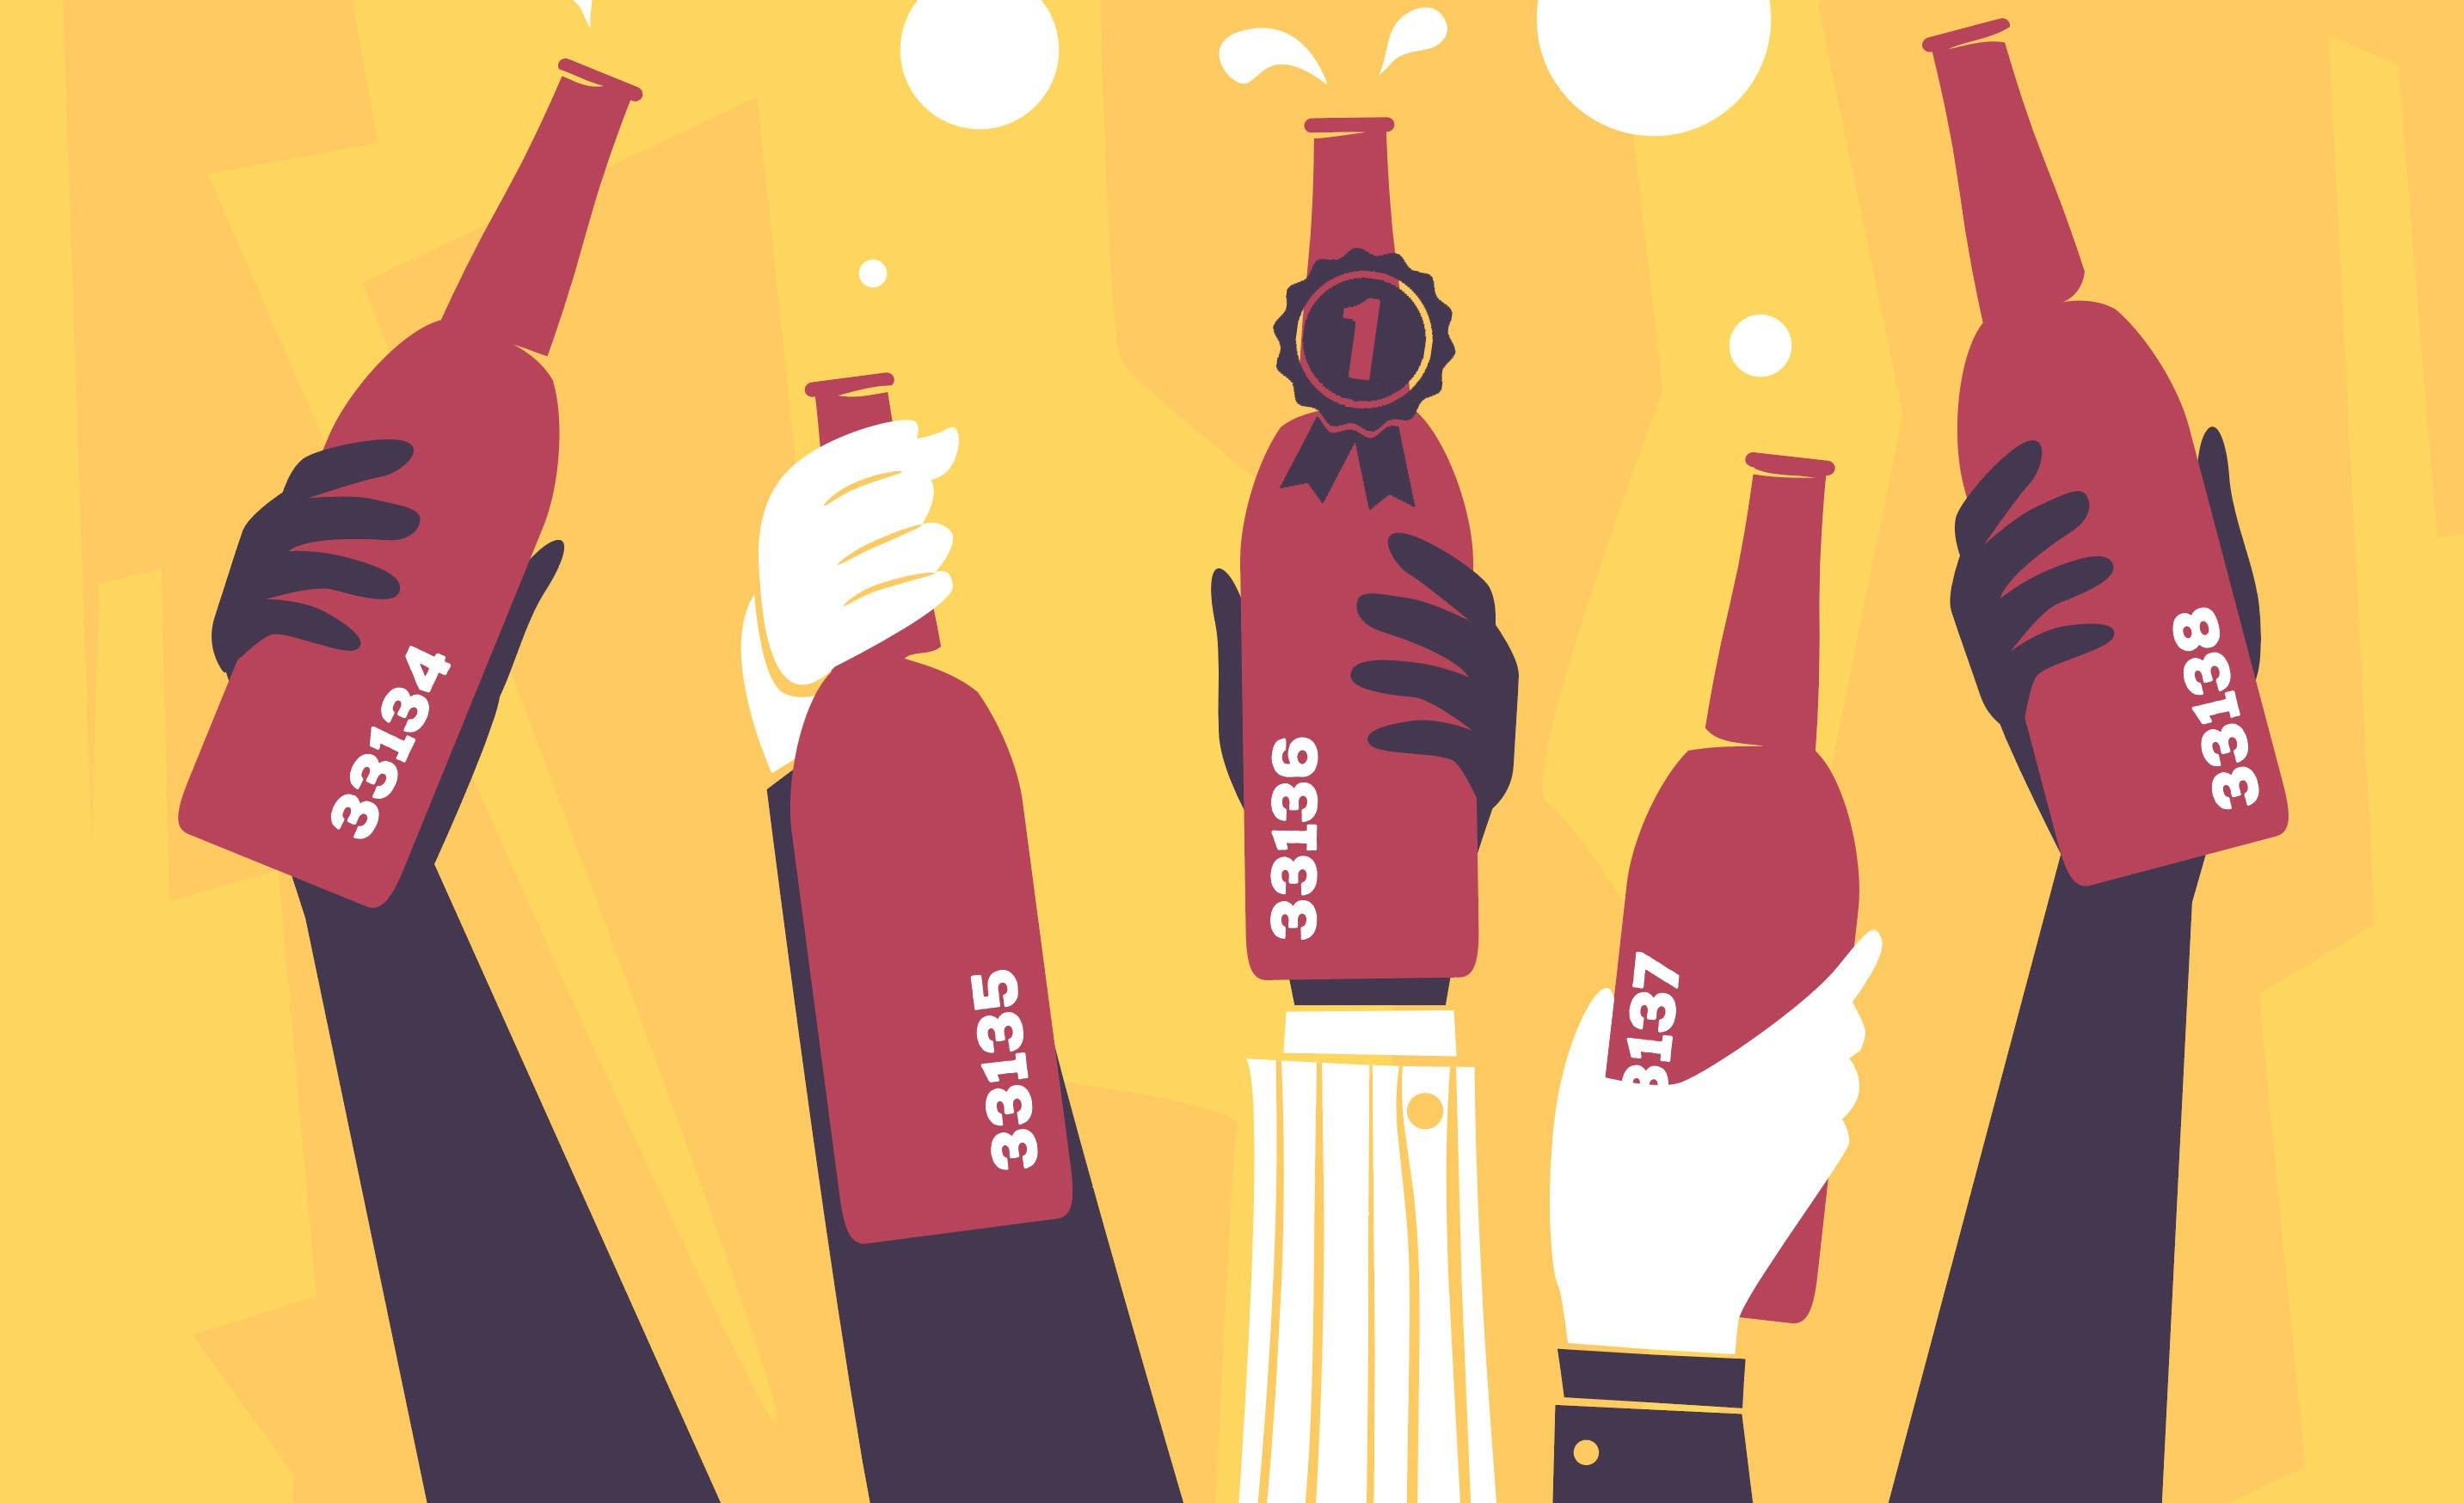 beer_judges_illustration